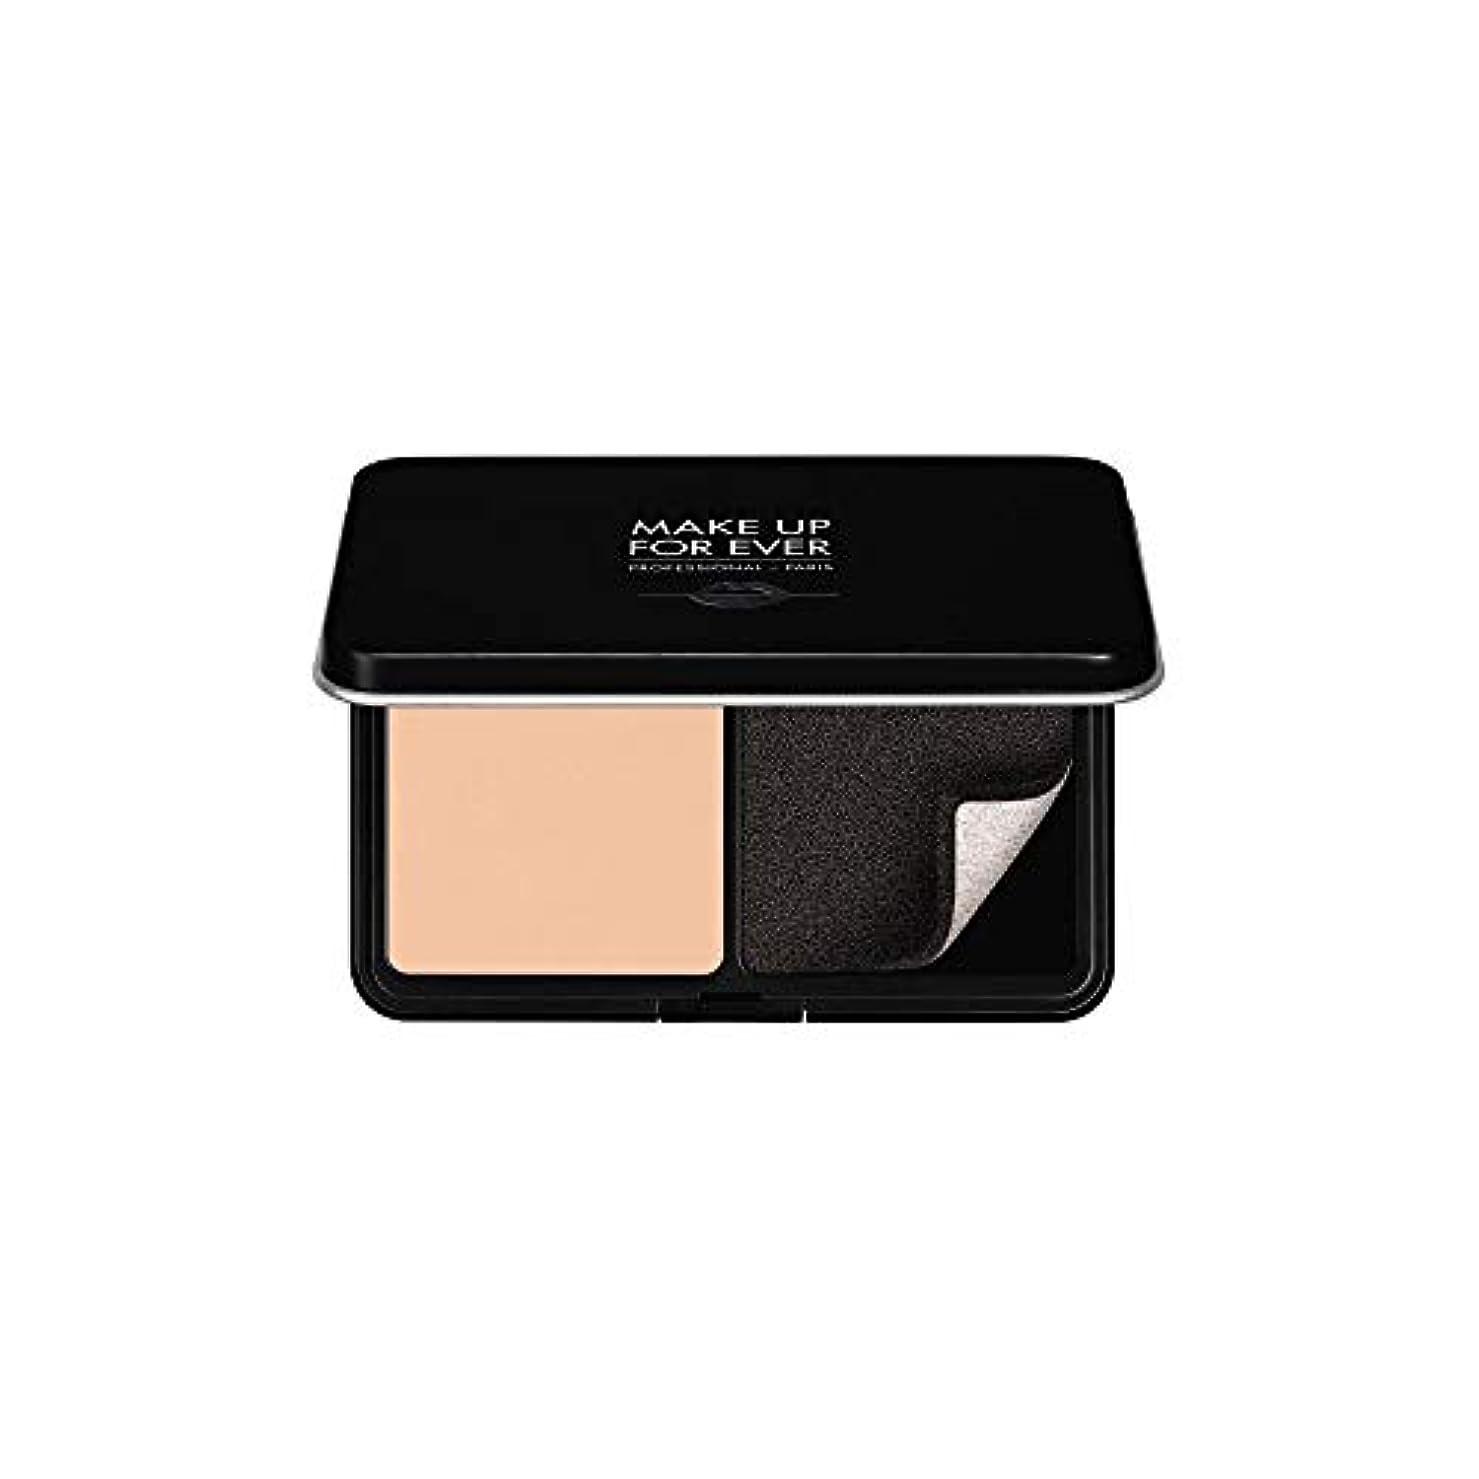 可動式甘美な化学薬品メイクアップフォーエバー Matte Velvet Skin Blurring Powder Foundation - # R220 (Pink Porcelaine) 11g/0.38oz並行輸入品